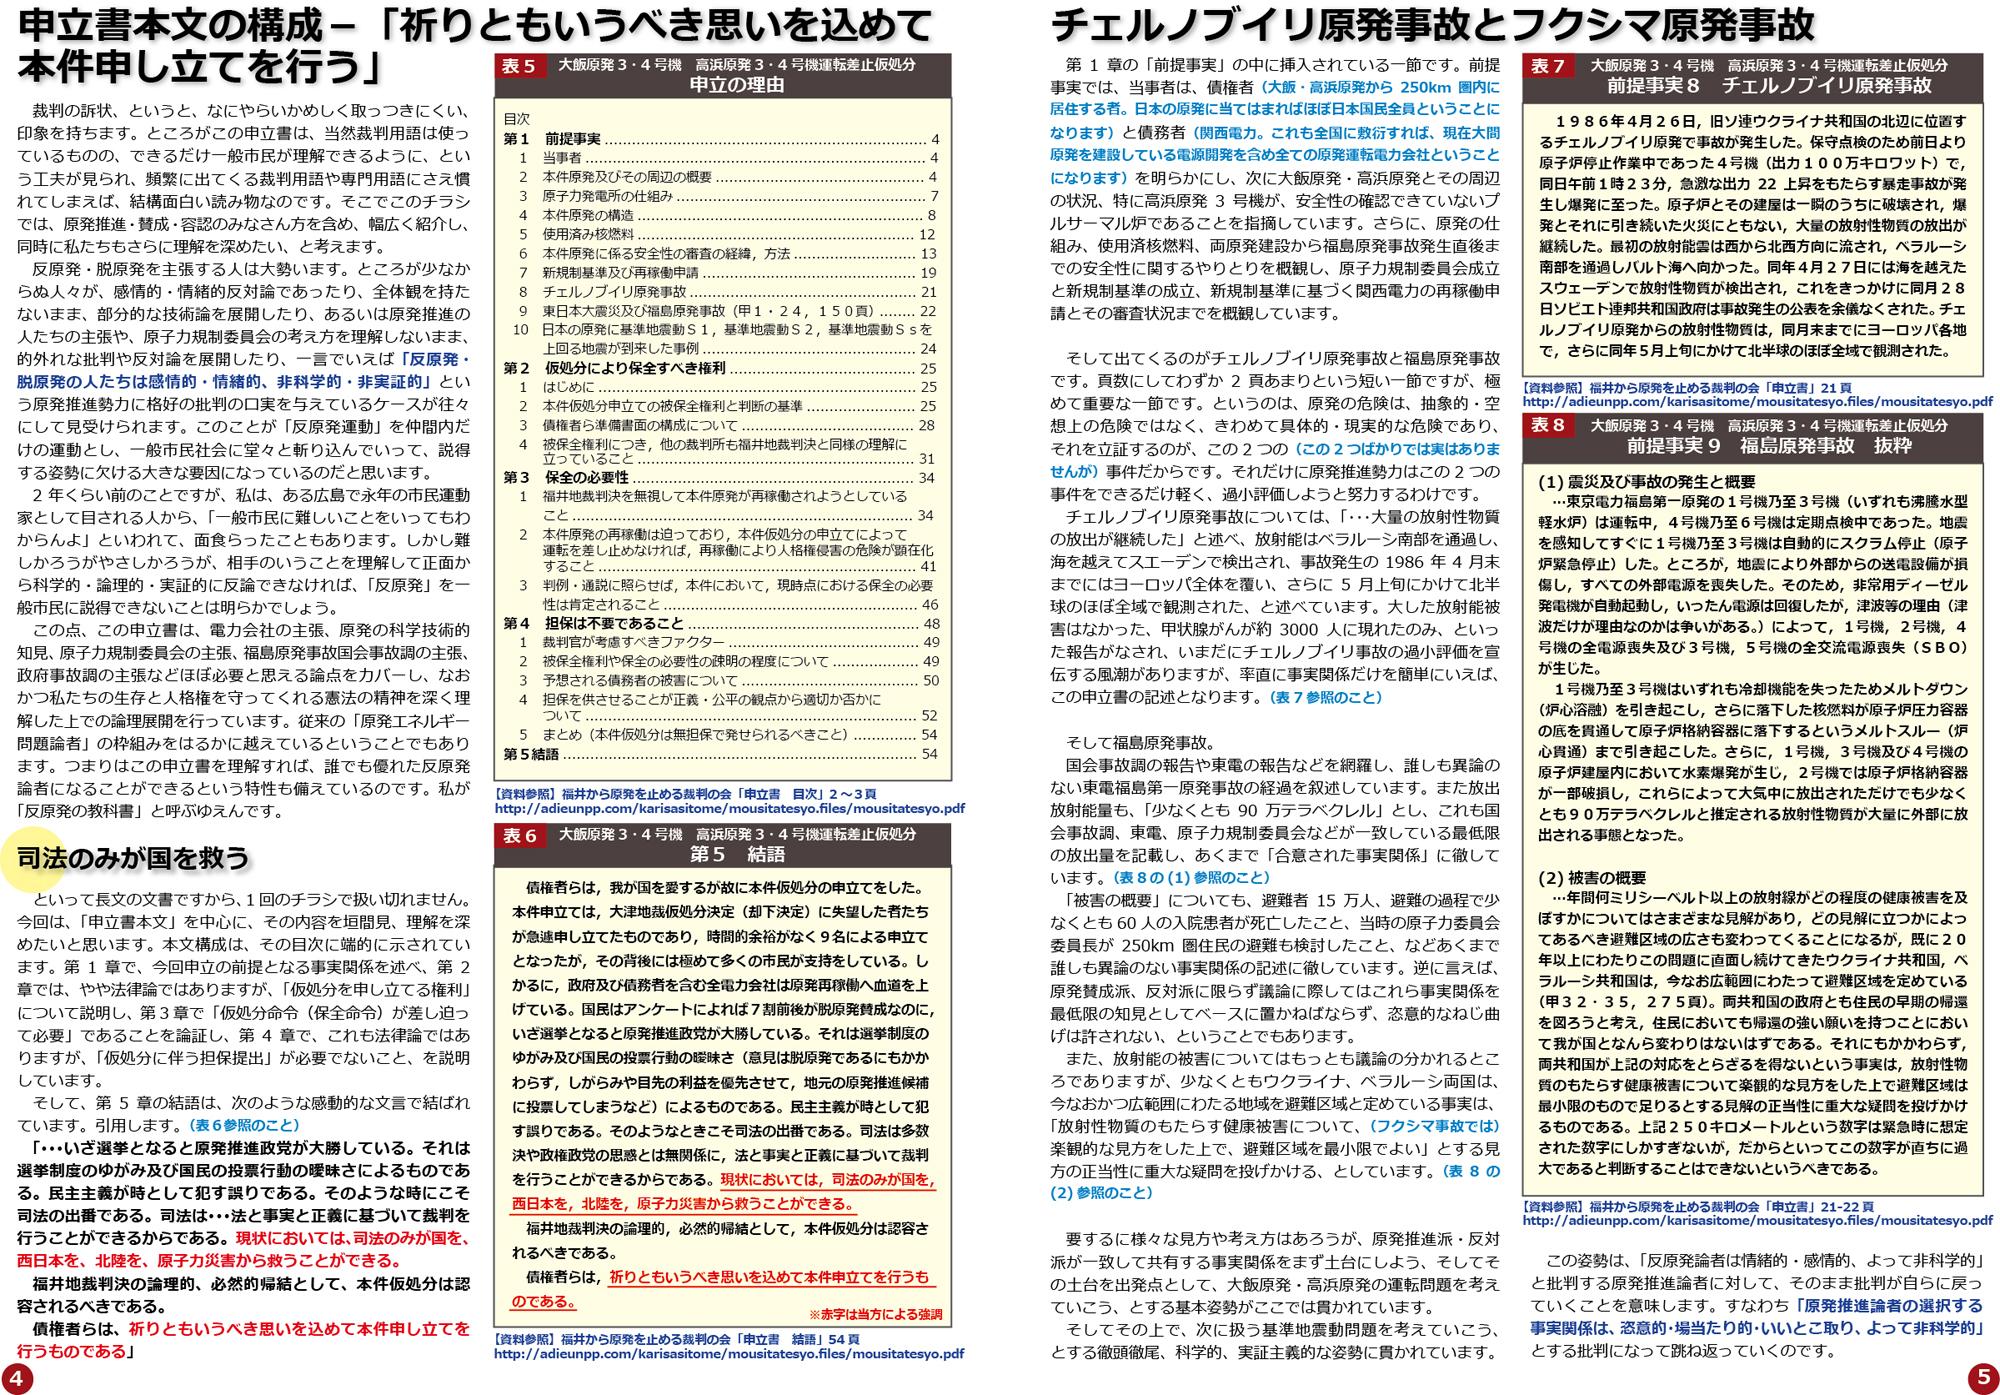 ファイル 369-3.jpg